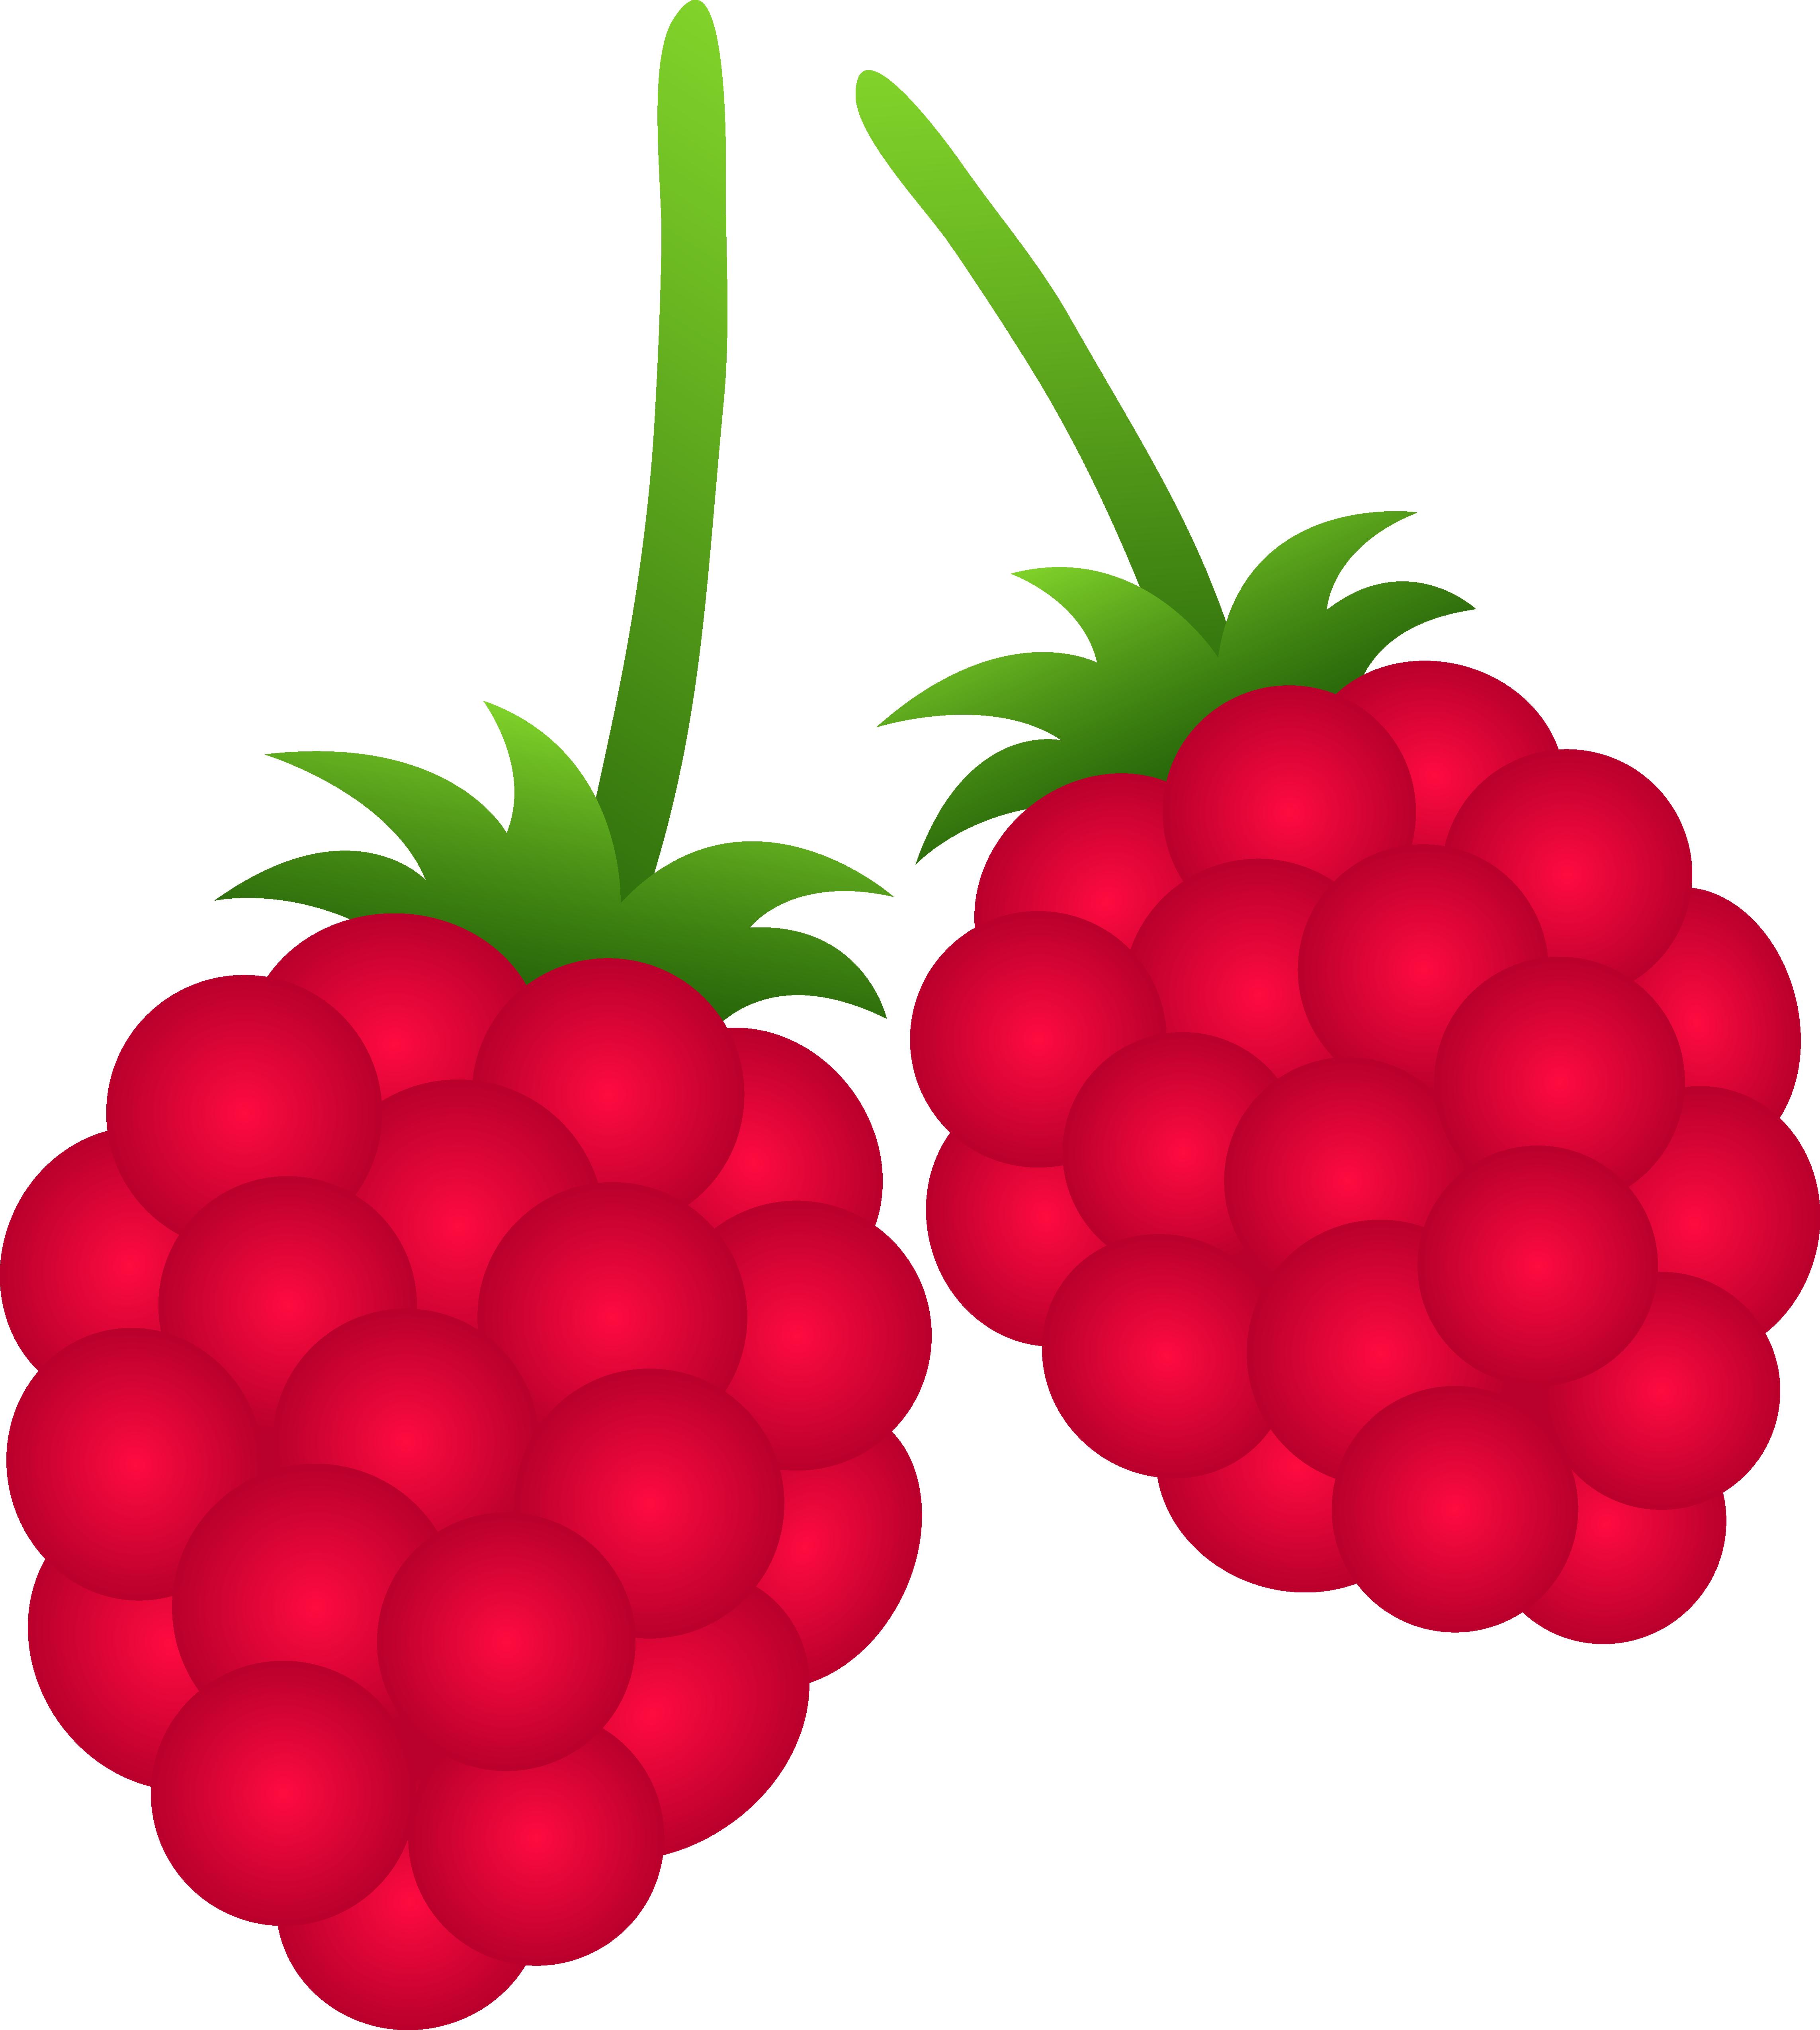 Rapsberry clipart Berry%20clipart Free Clipart Clipart 20clipart